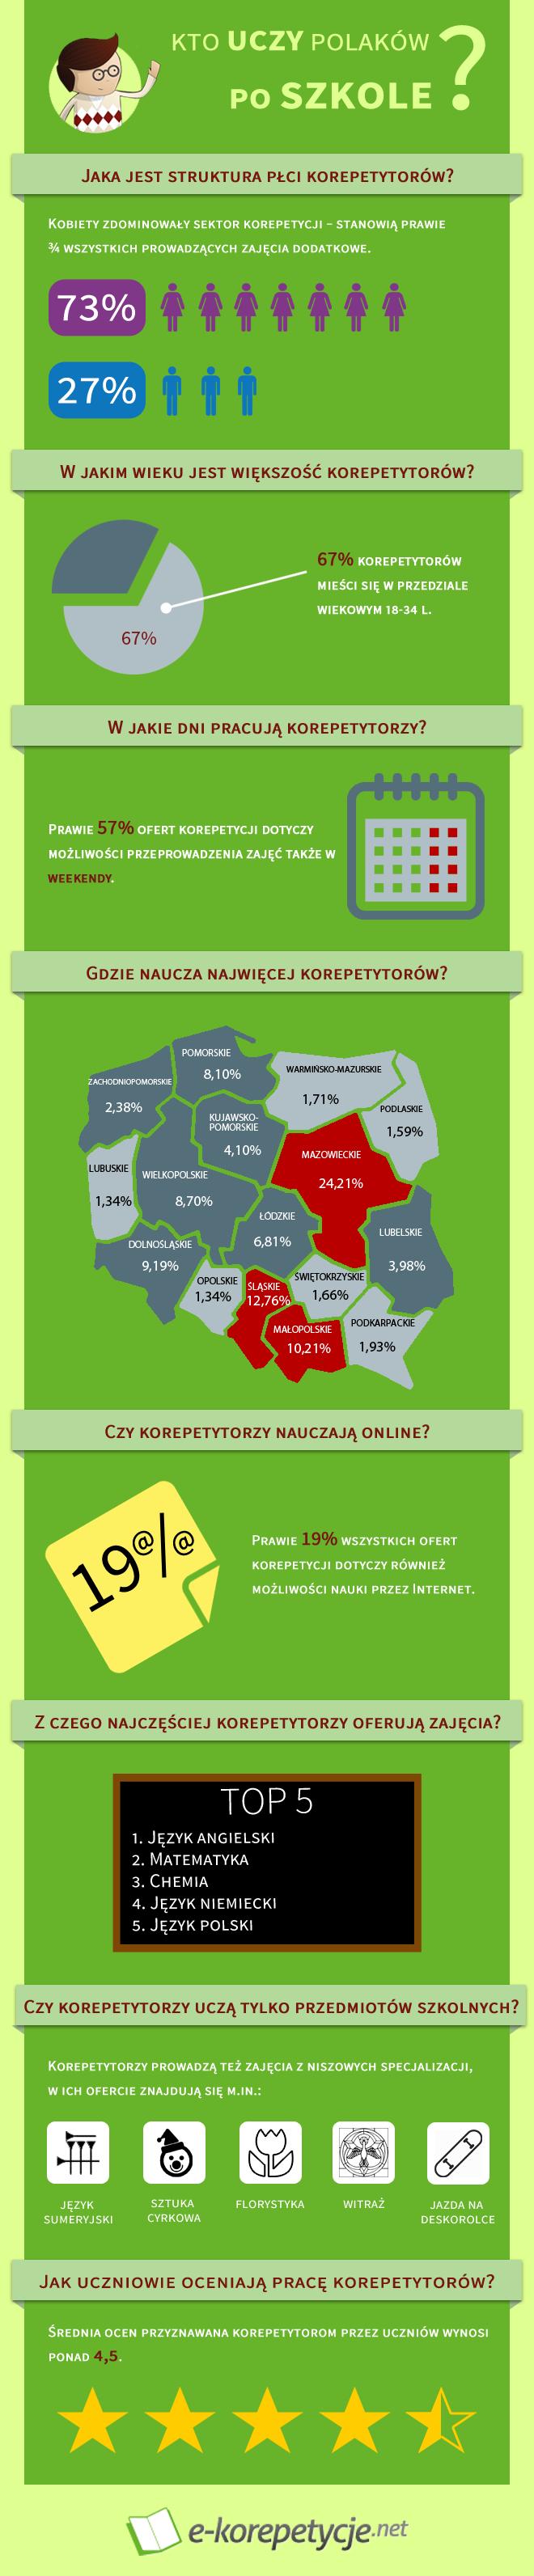 Infografika Kto uczy Polaków po szkole?